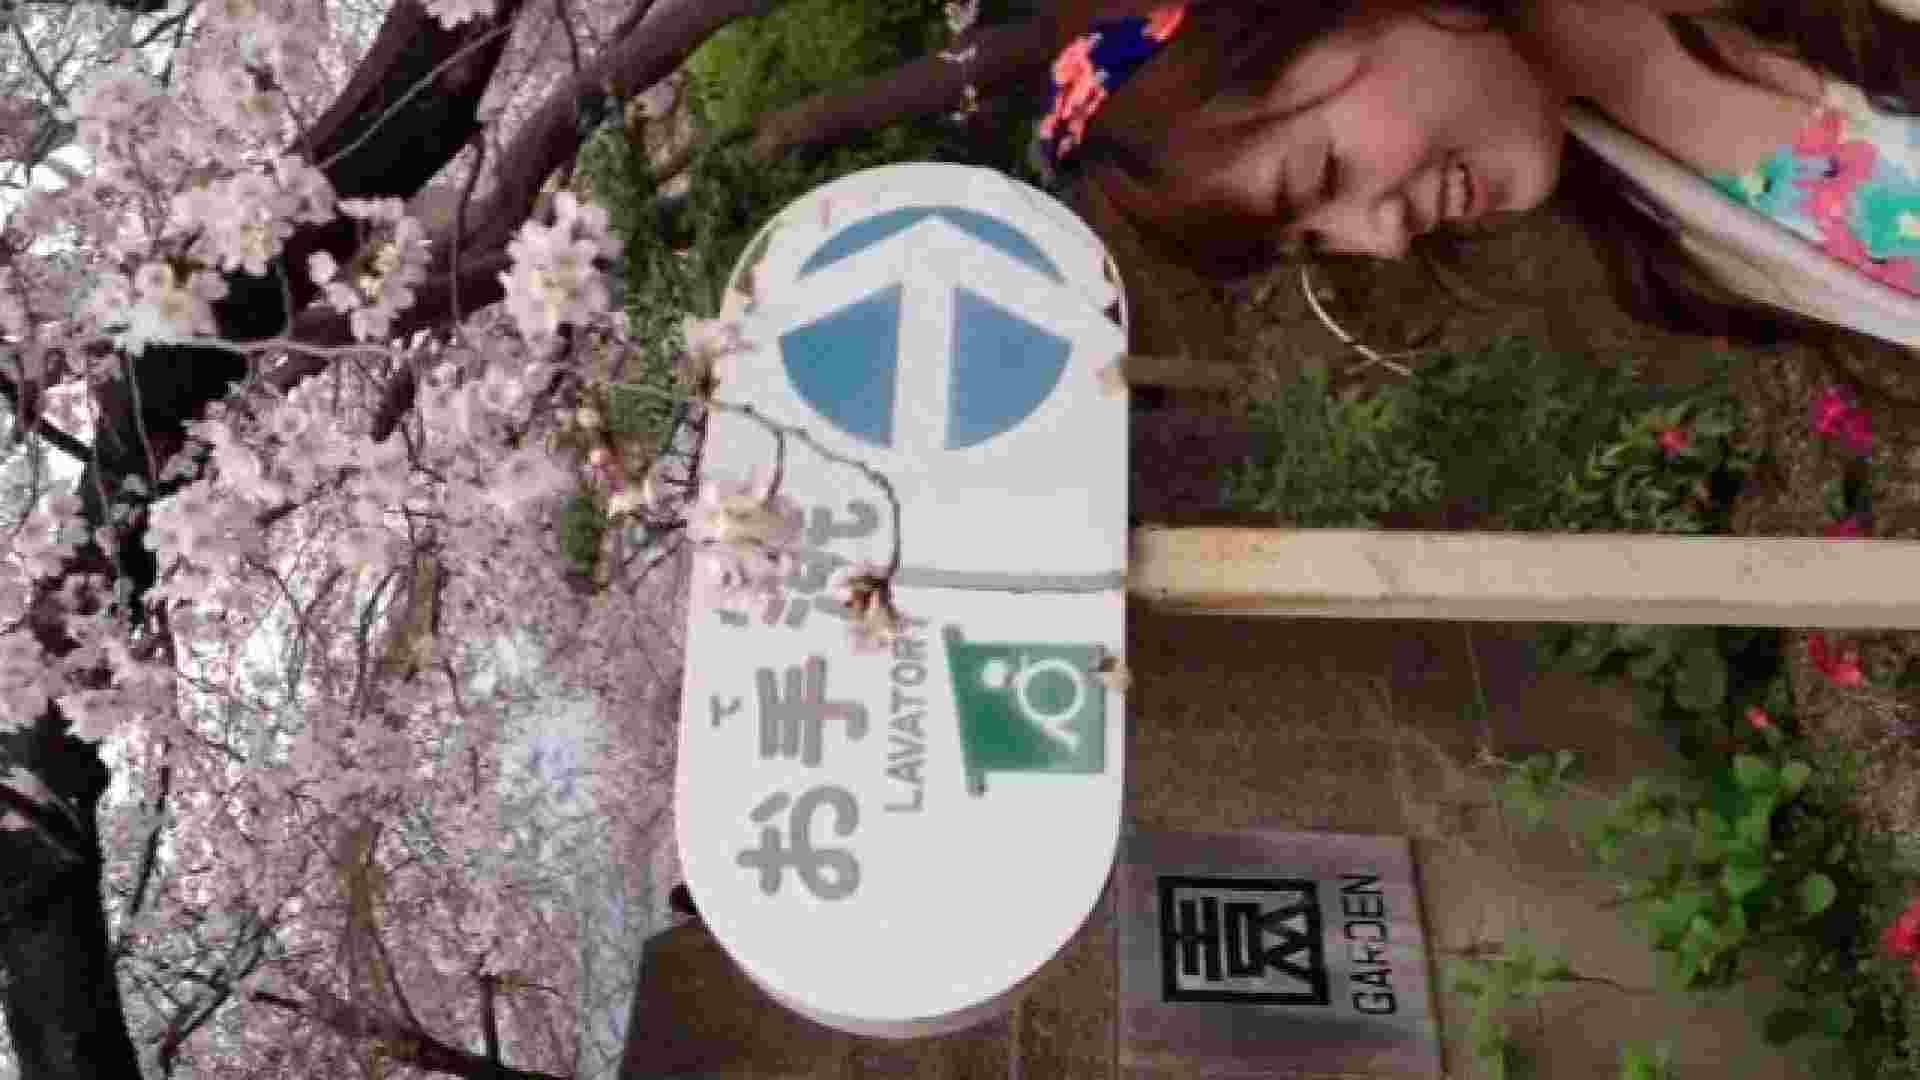 23(19日目)桜を見ながらお散歩 一般投稿  100連発 7